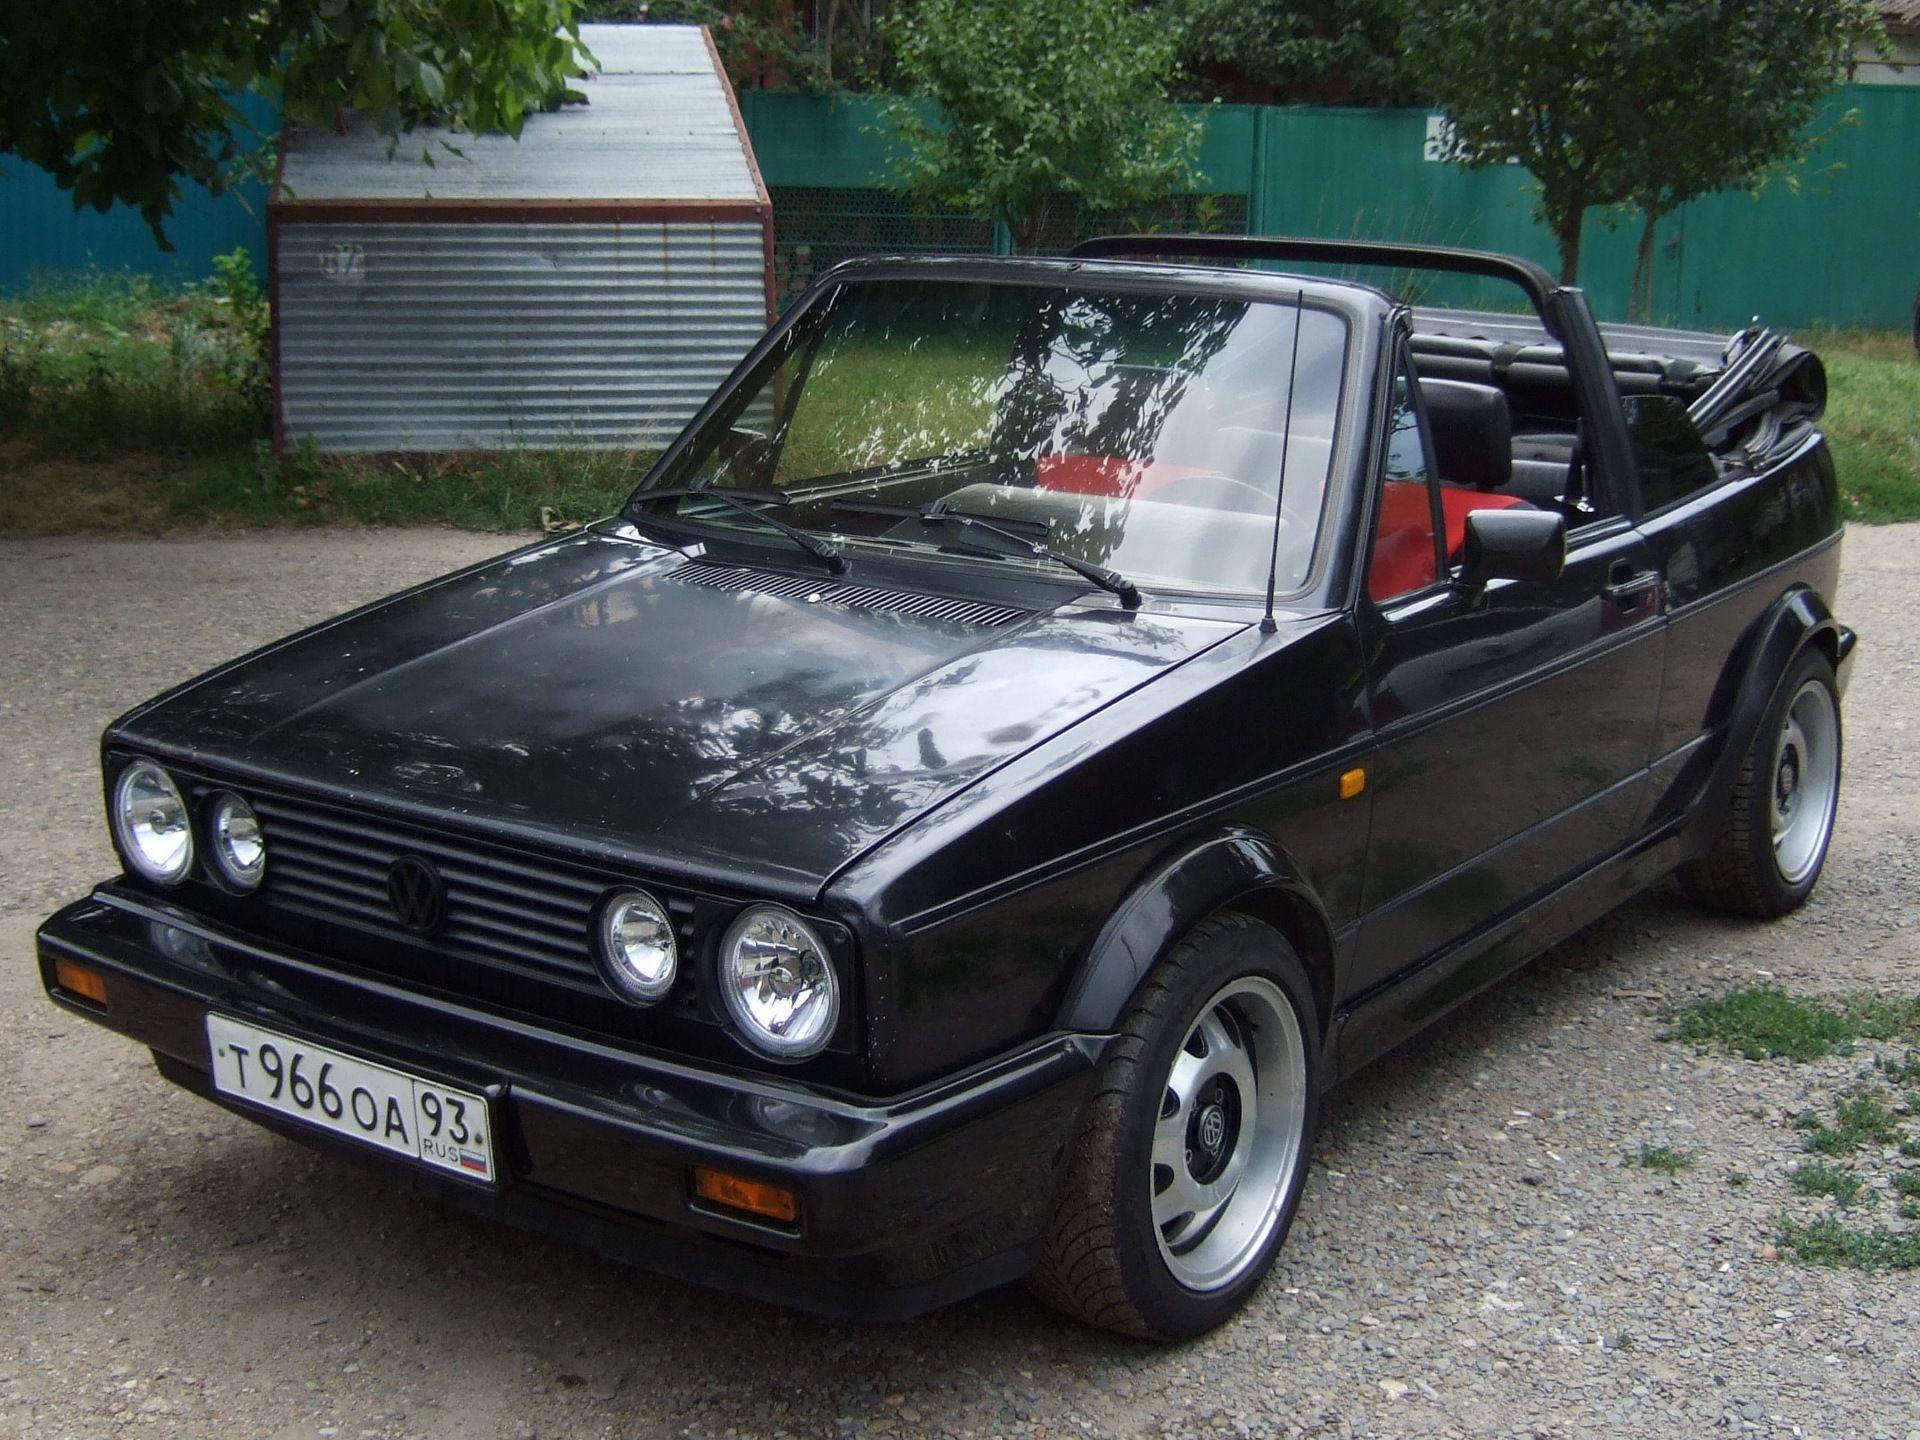 Volkswagen Golf Mk2 Cabrio Volkswagen Golf Mk2 Volkswagen Golf Mk2